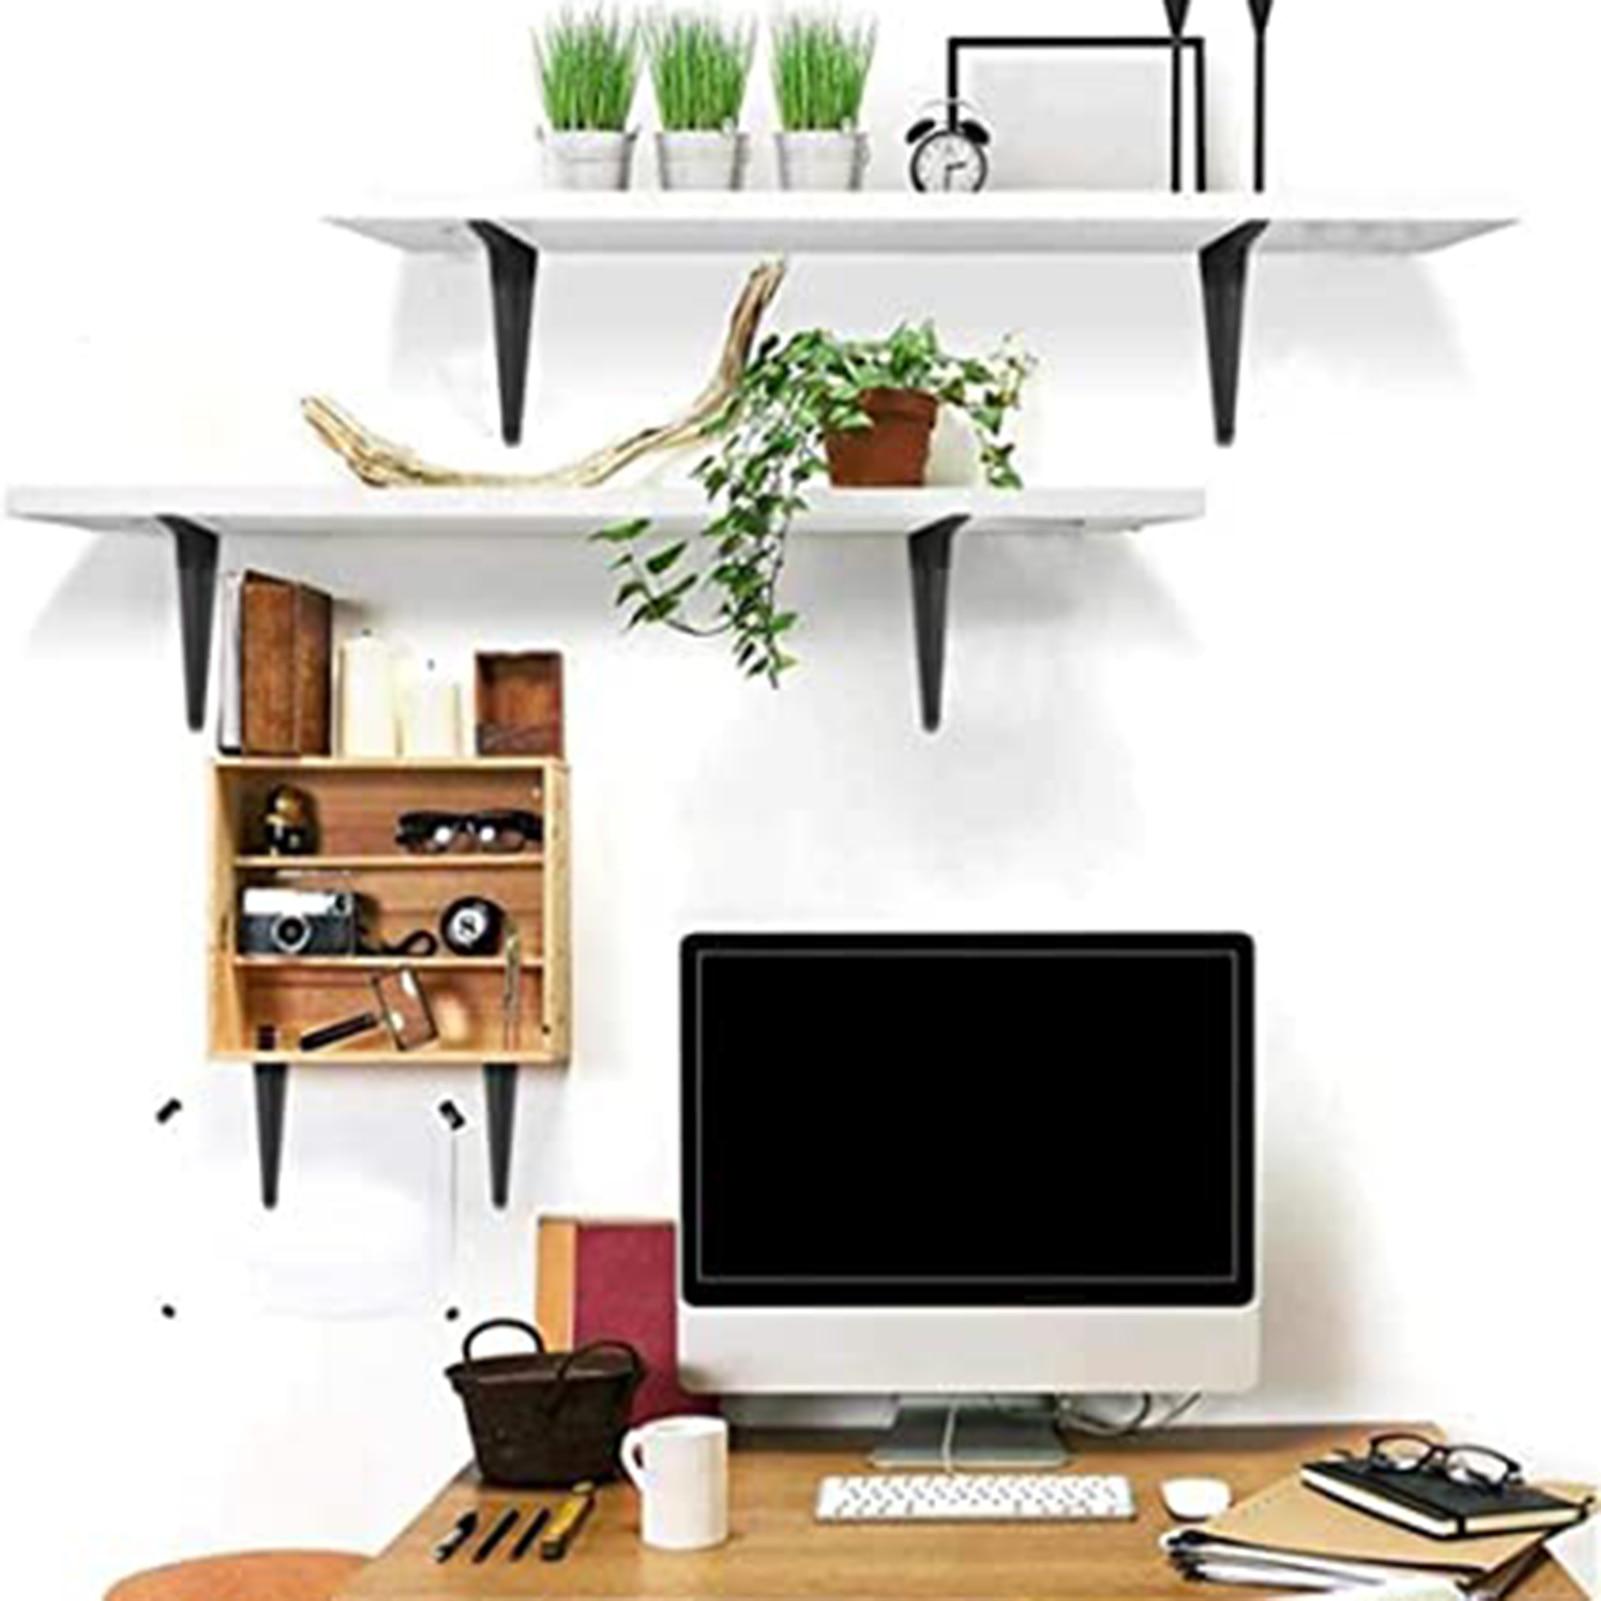 Soporte de Metal de ángulo recto en forma de L, estantes flotantes negros de alta resistencia para mejora del hogar, Conector de Mesa Plegable, 10 Uds.